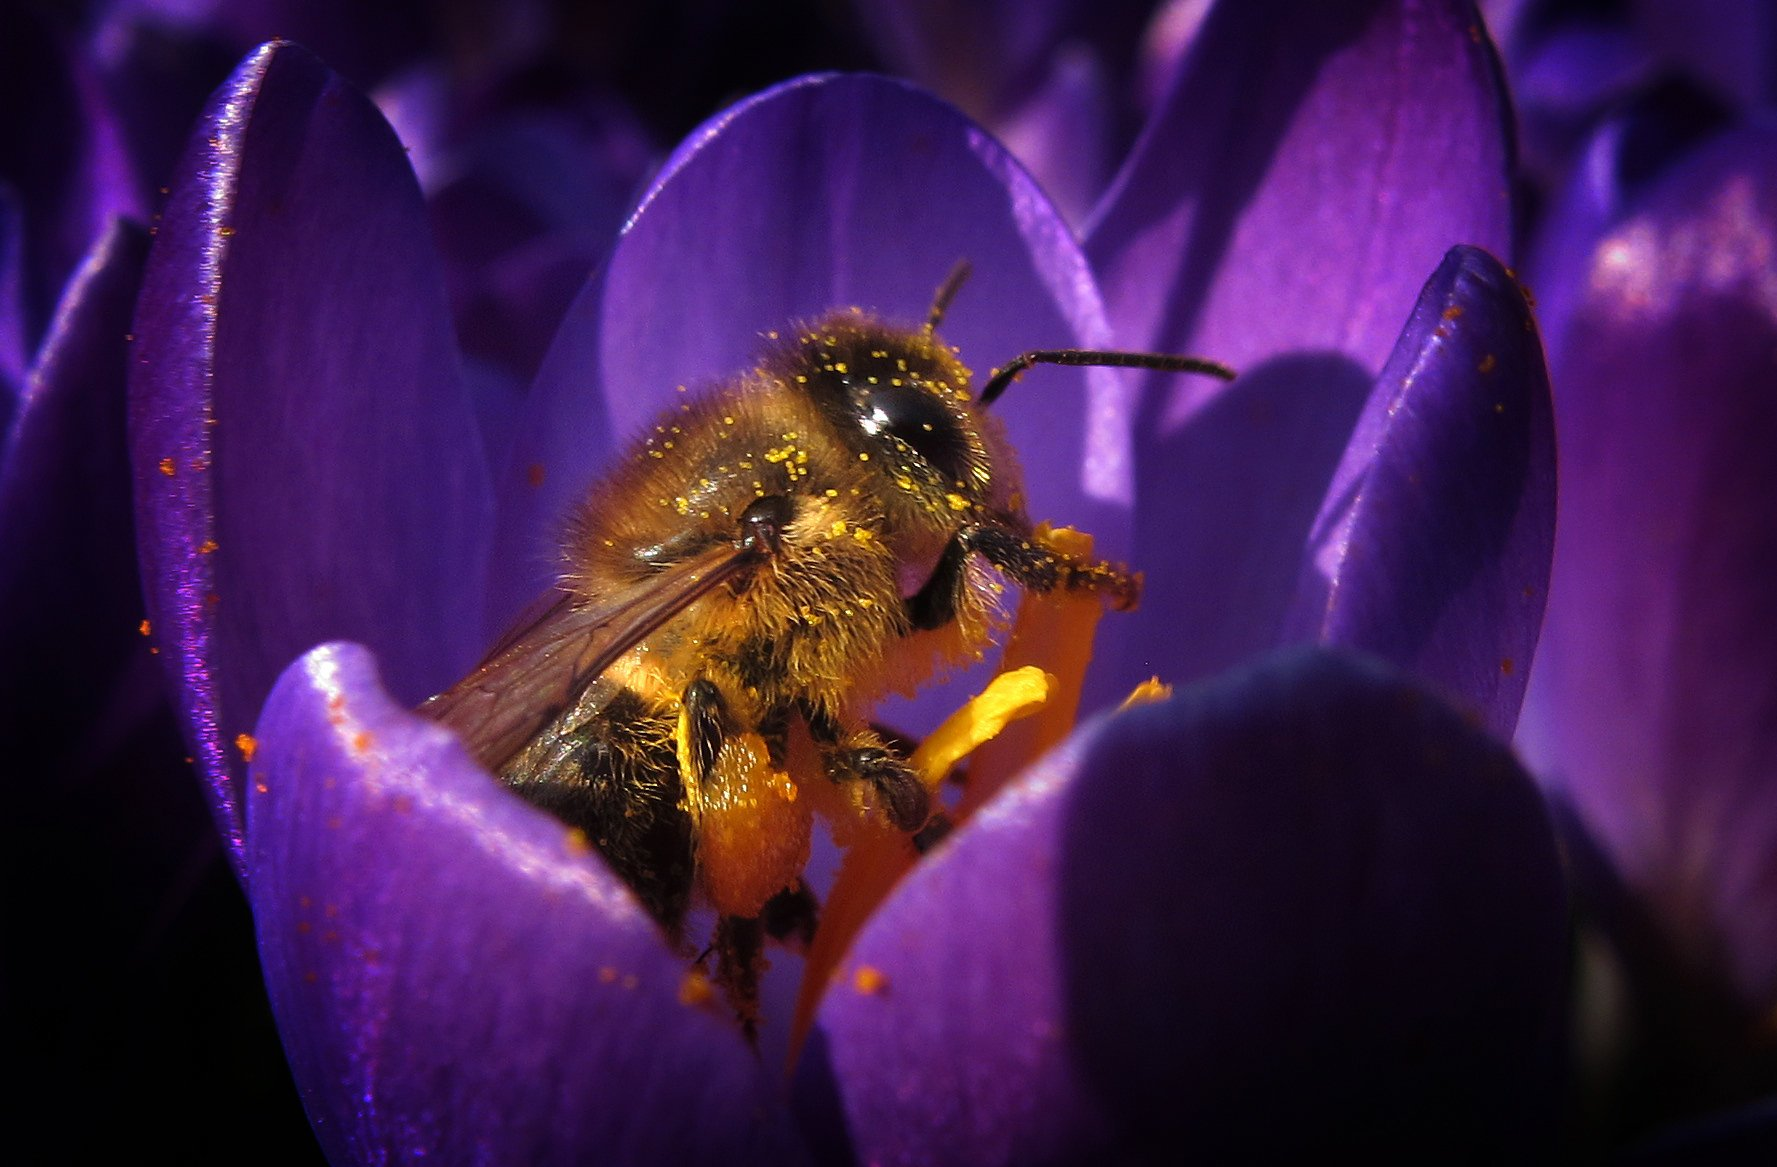 Tiere spielen eine zentrale Rolle in unserem Ökosystem. Und so gilt: OhneHonigbiene gäbe es keine Äpfel, Kirschen etc.